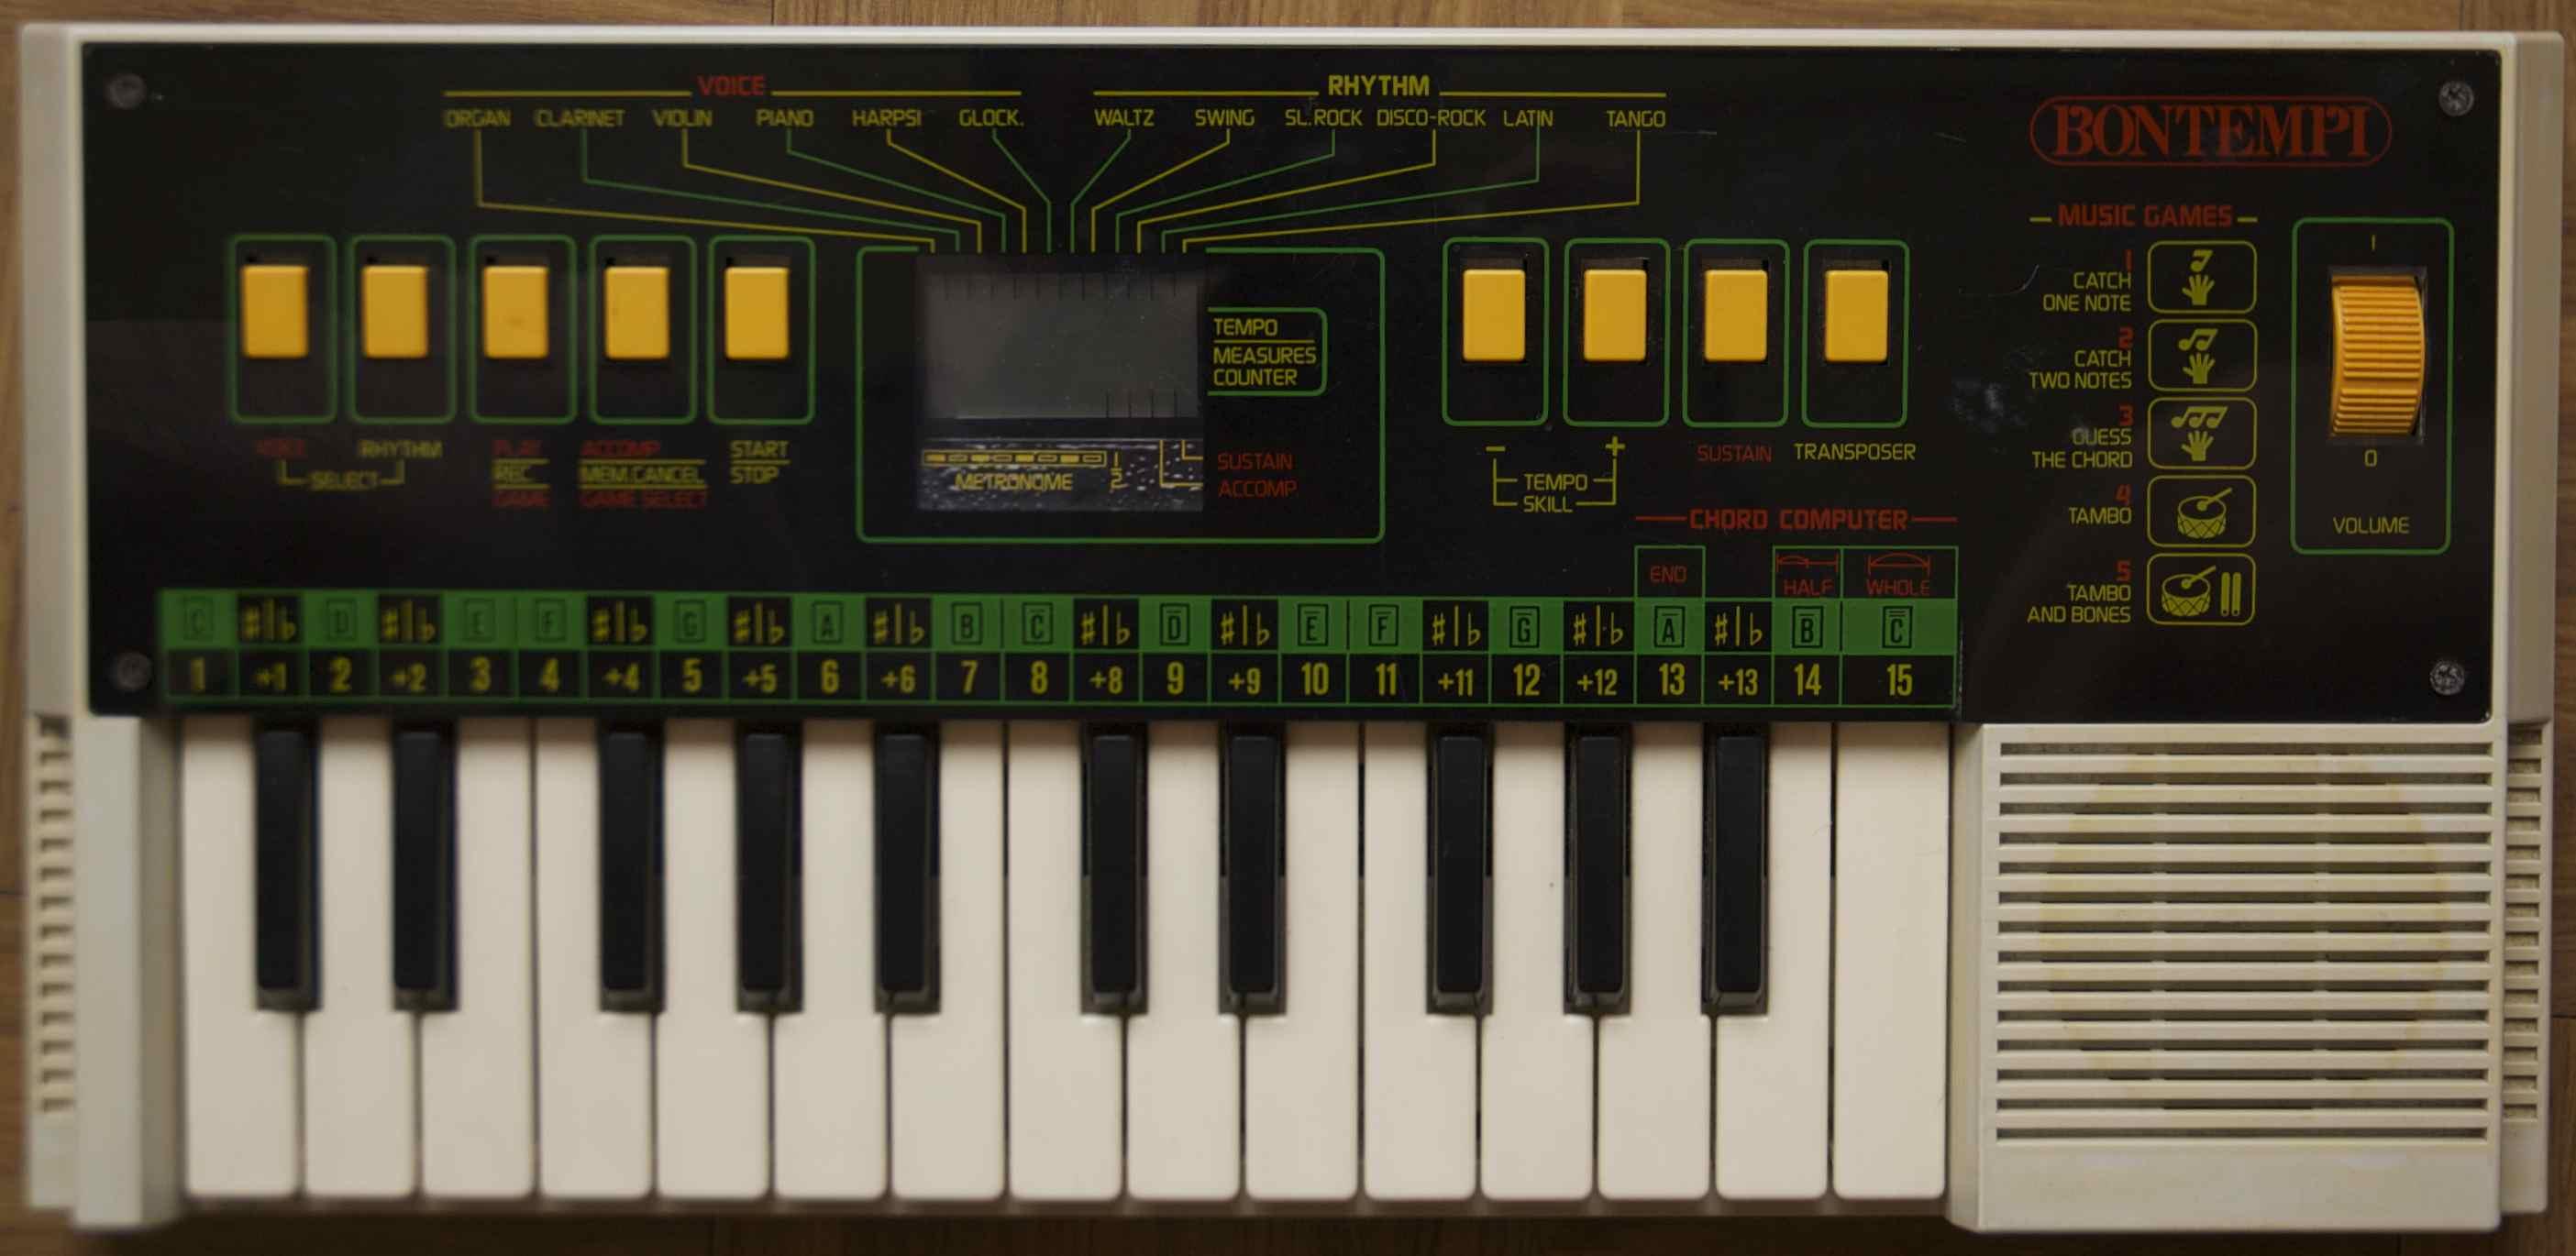 meilleurs instruments electroniques bontempi  audiofanzine - bontempi ht